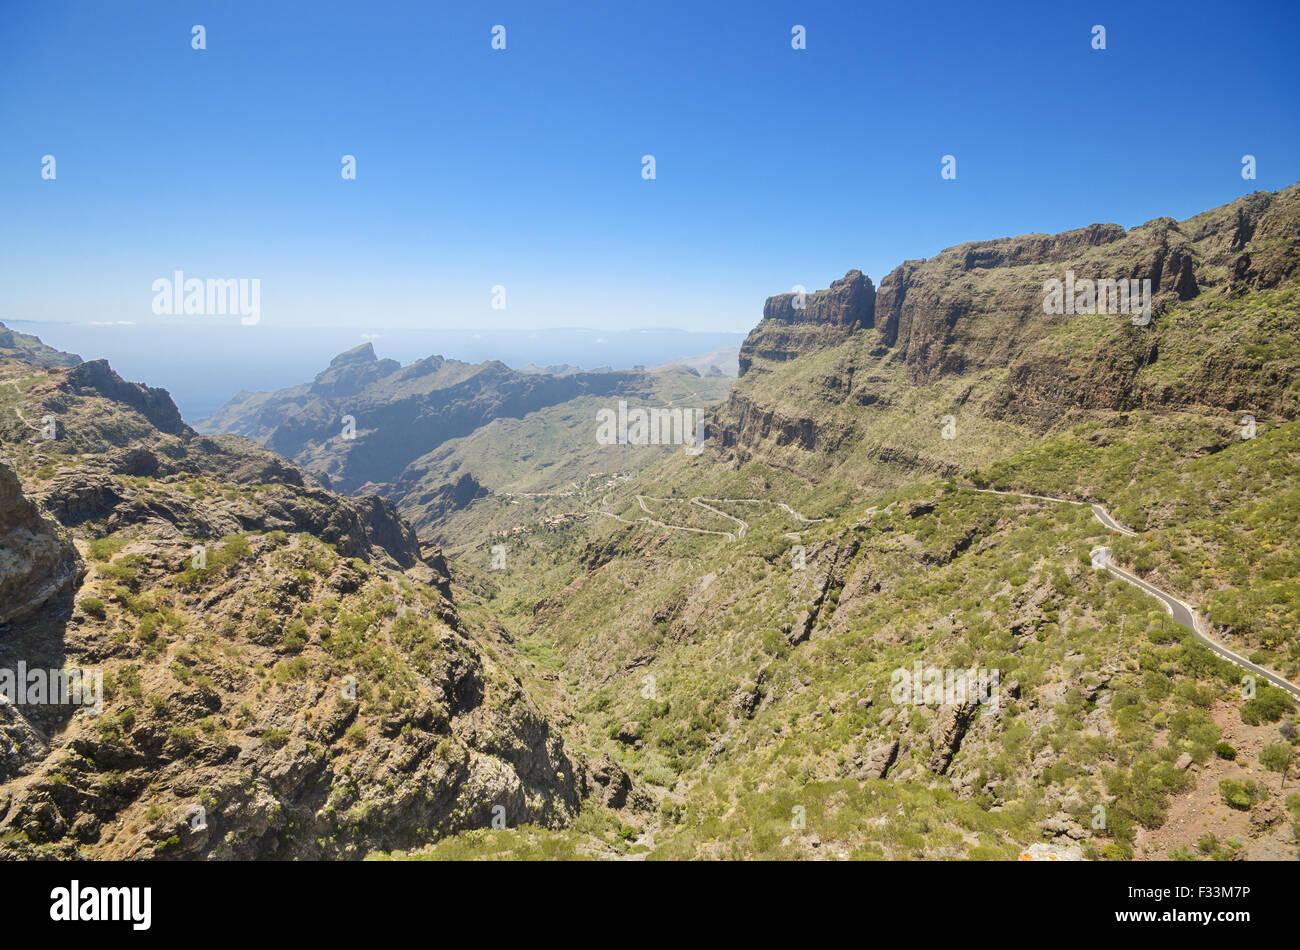 Panoramablick von Masca Schlucht auf Teneriffa, Kanarische Inseln, Spanien. Stockbild